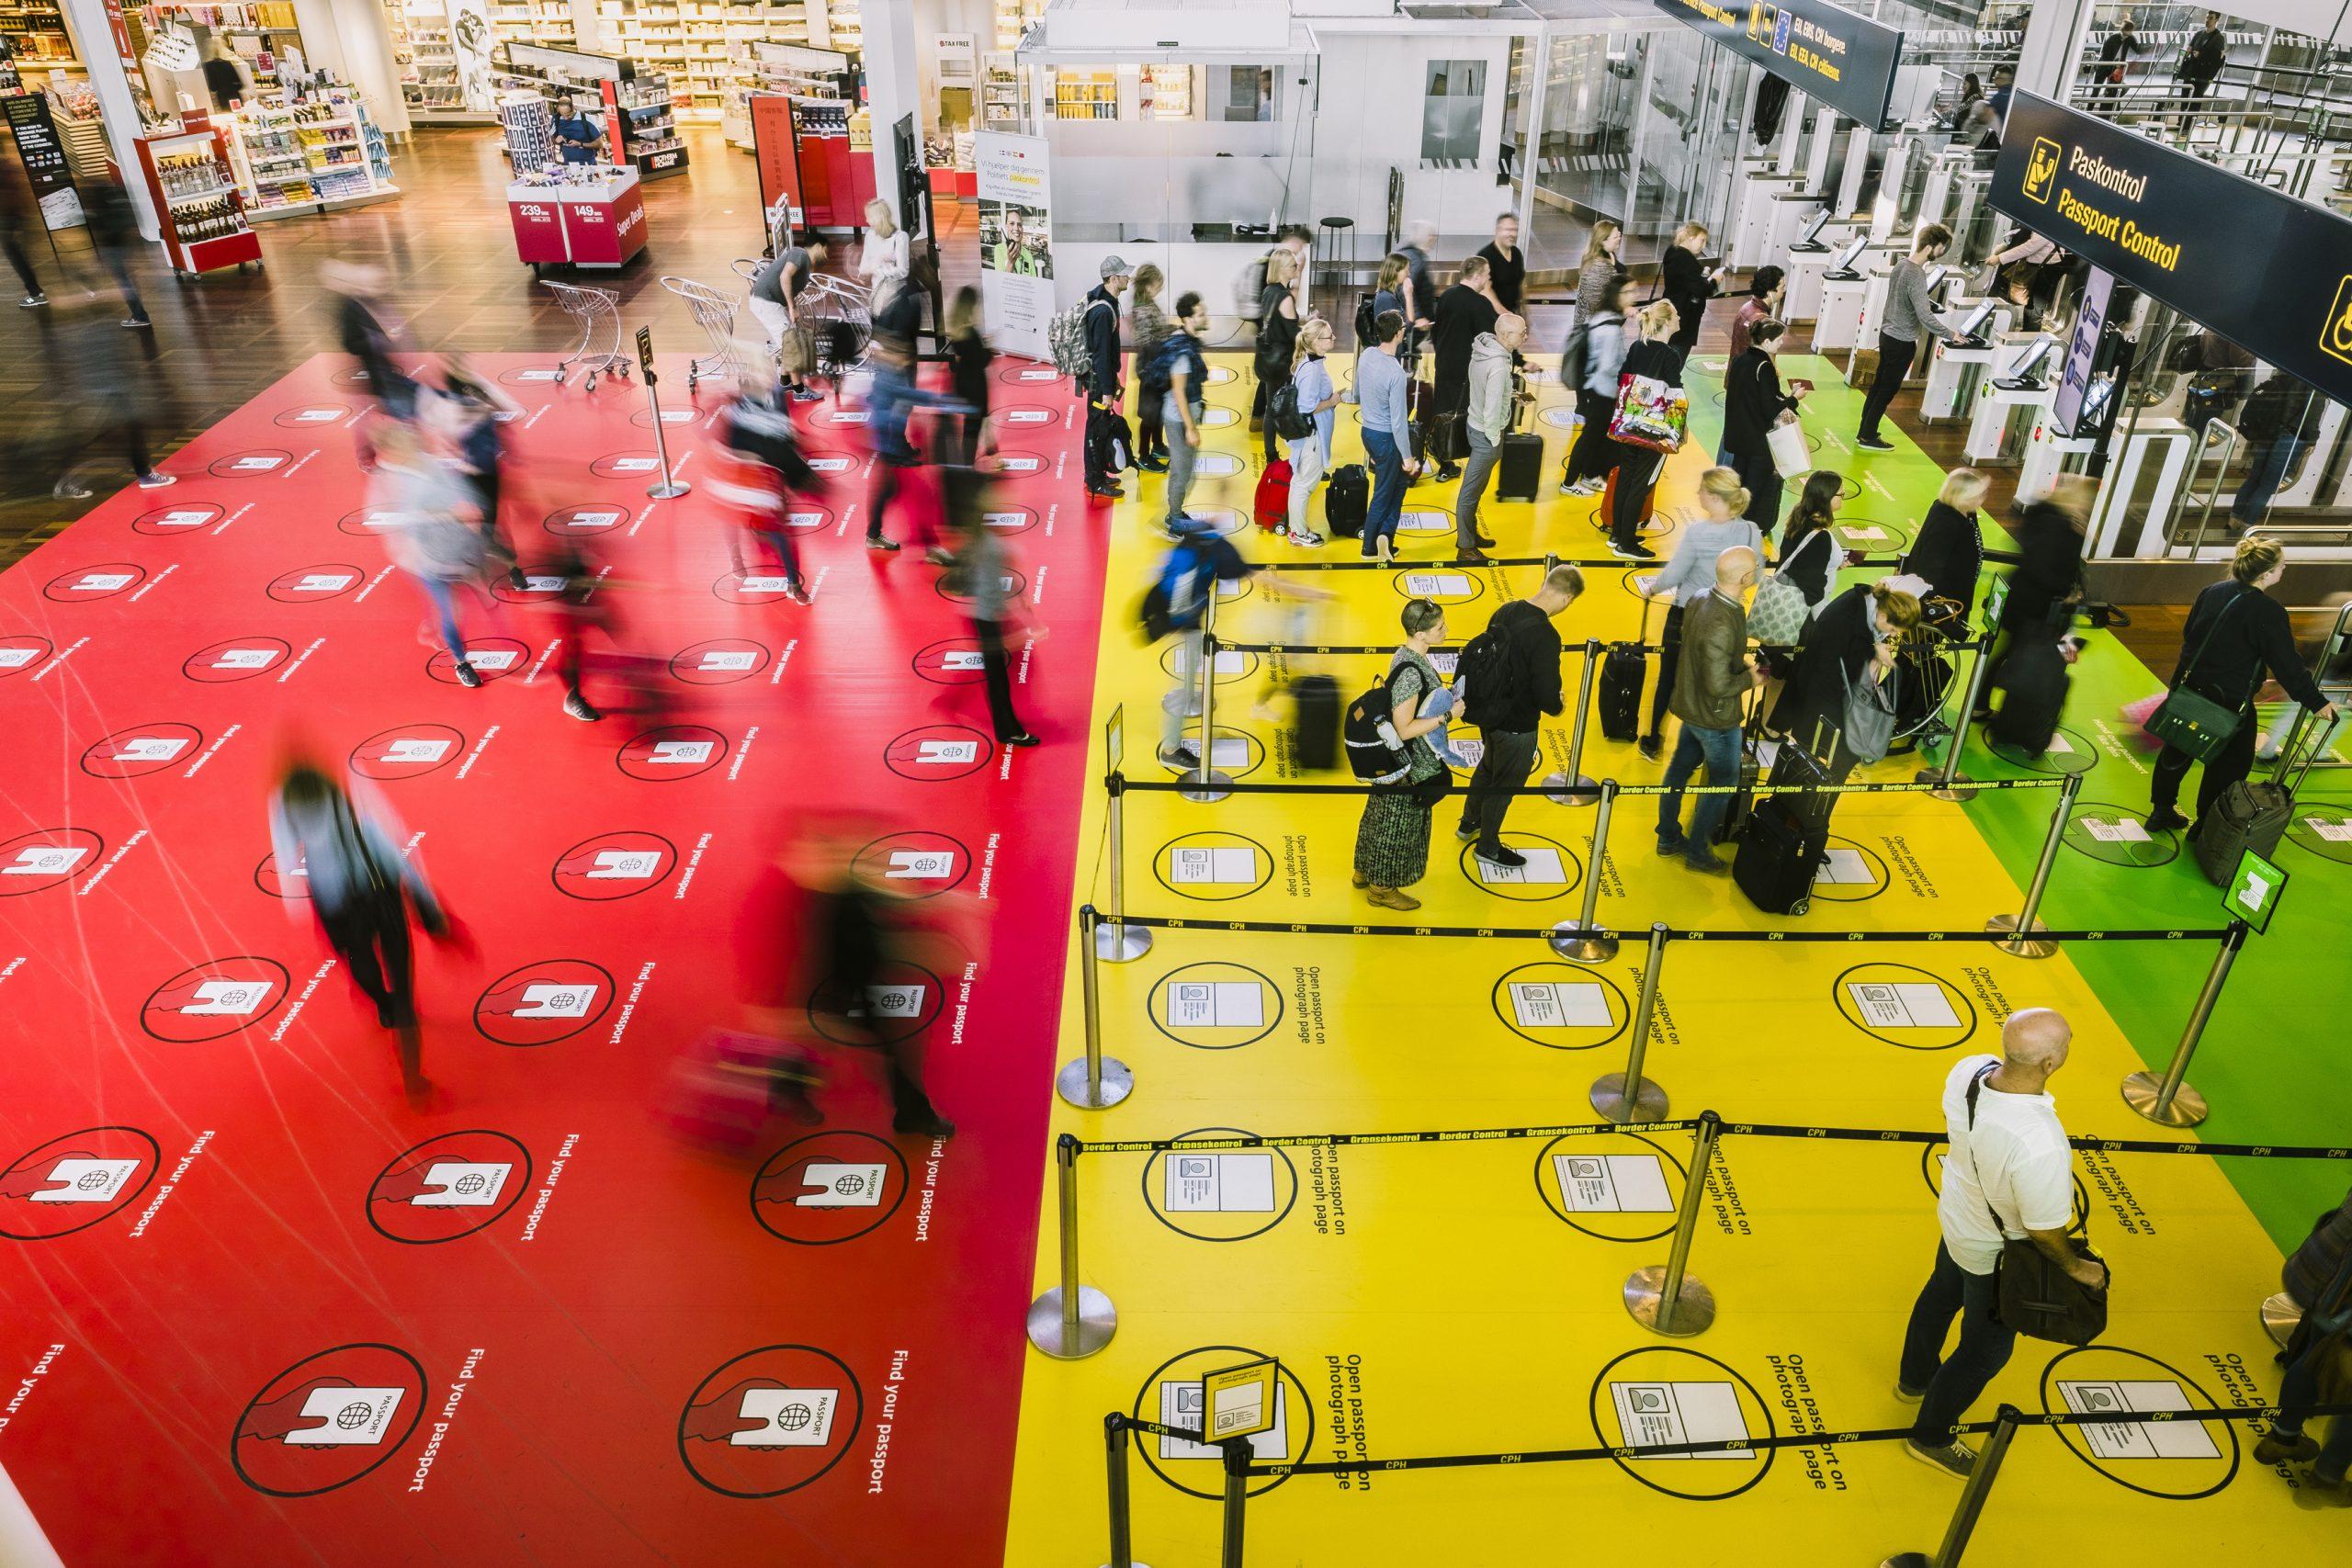 Rejsebureaubranchens foreninger er glade for den nye politiske aftale. Den er med til at hjælpe rejsebureauerne overleve krisen med de lukkede landegrænser. Her arkivfoto fra paskontrollen i Københavns Lufthavn, foto: Jasper Carlberg.